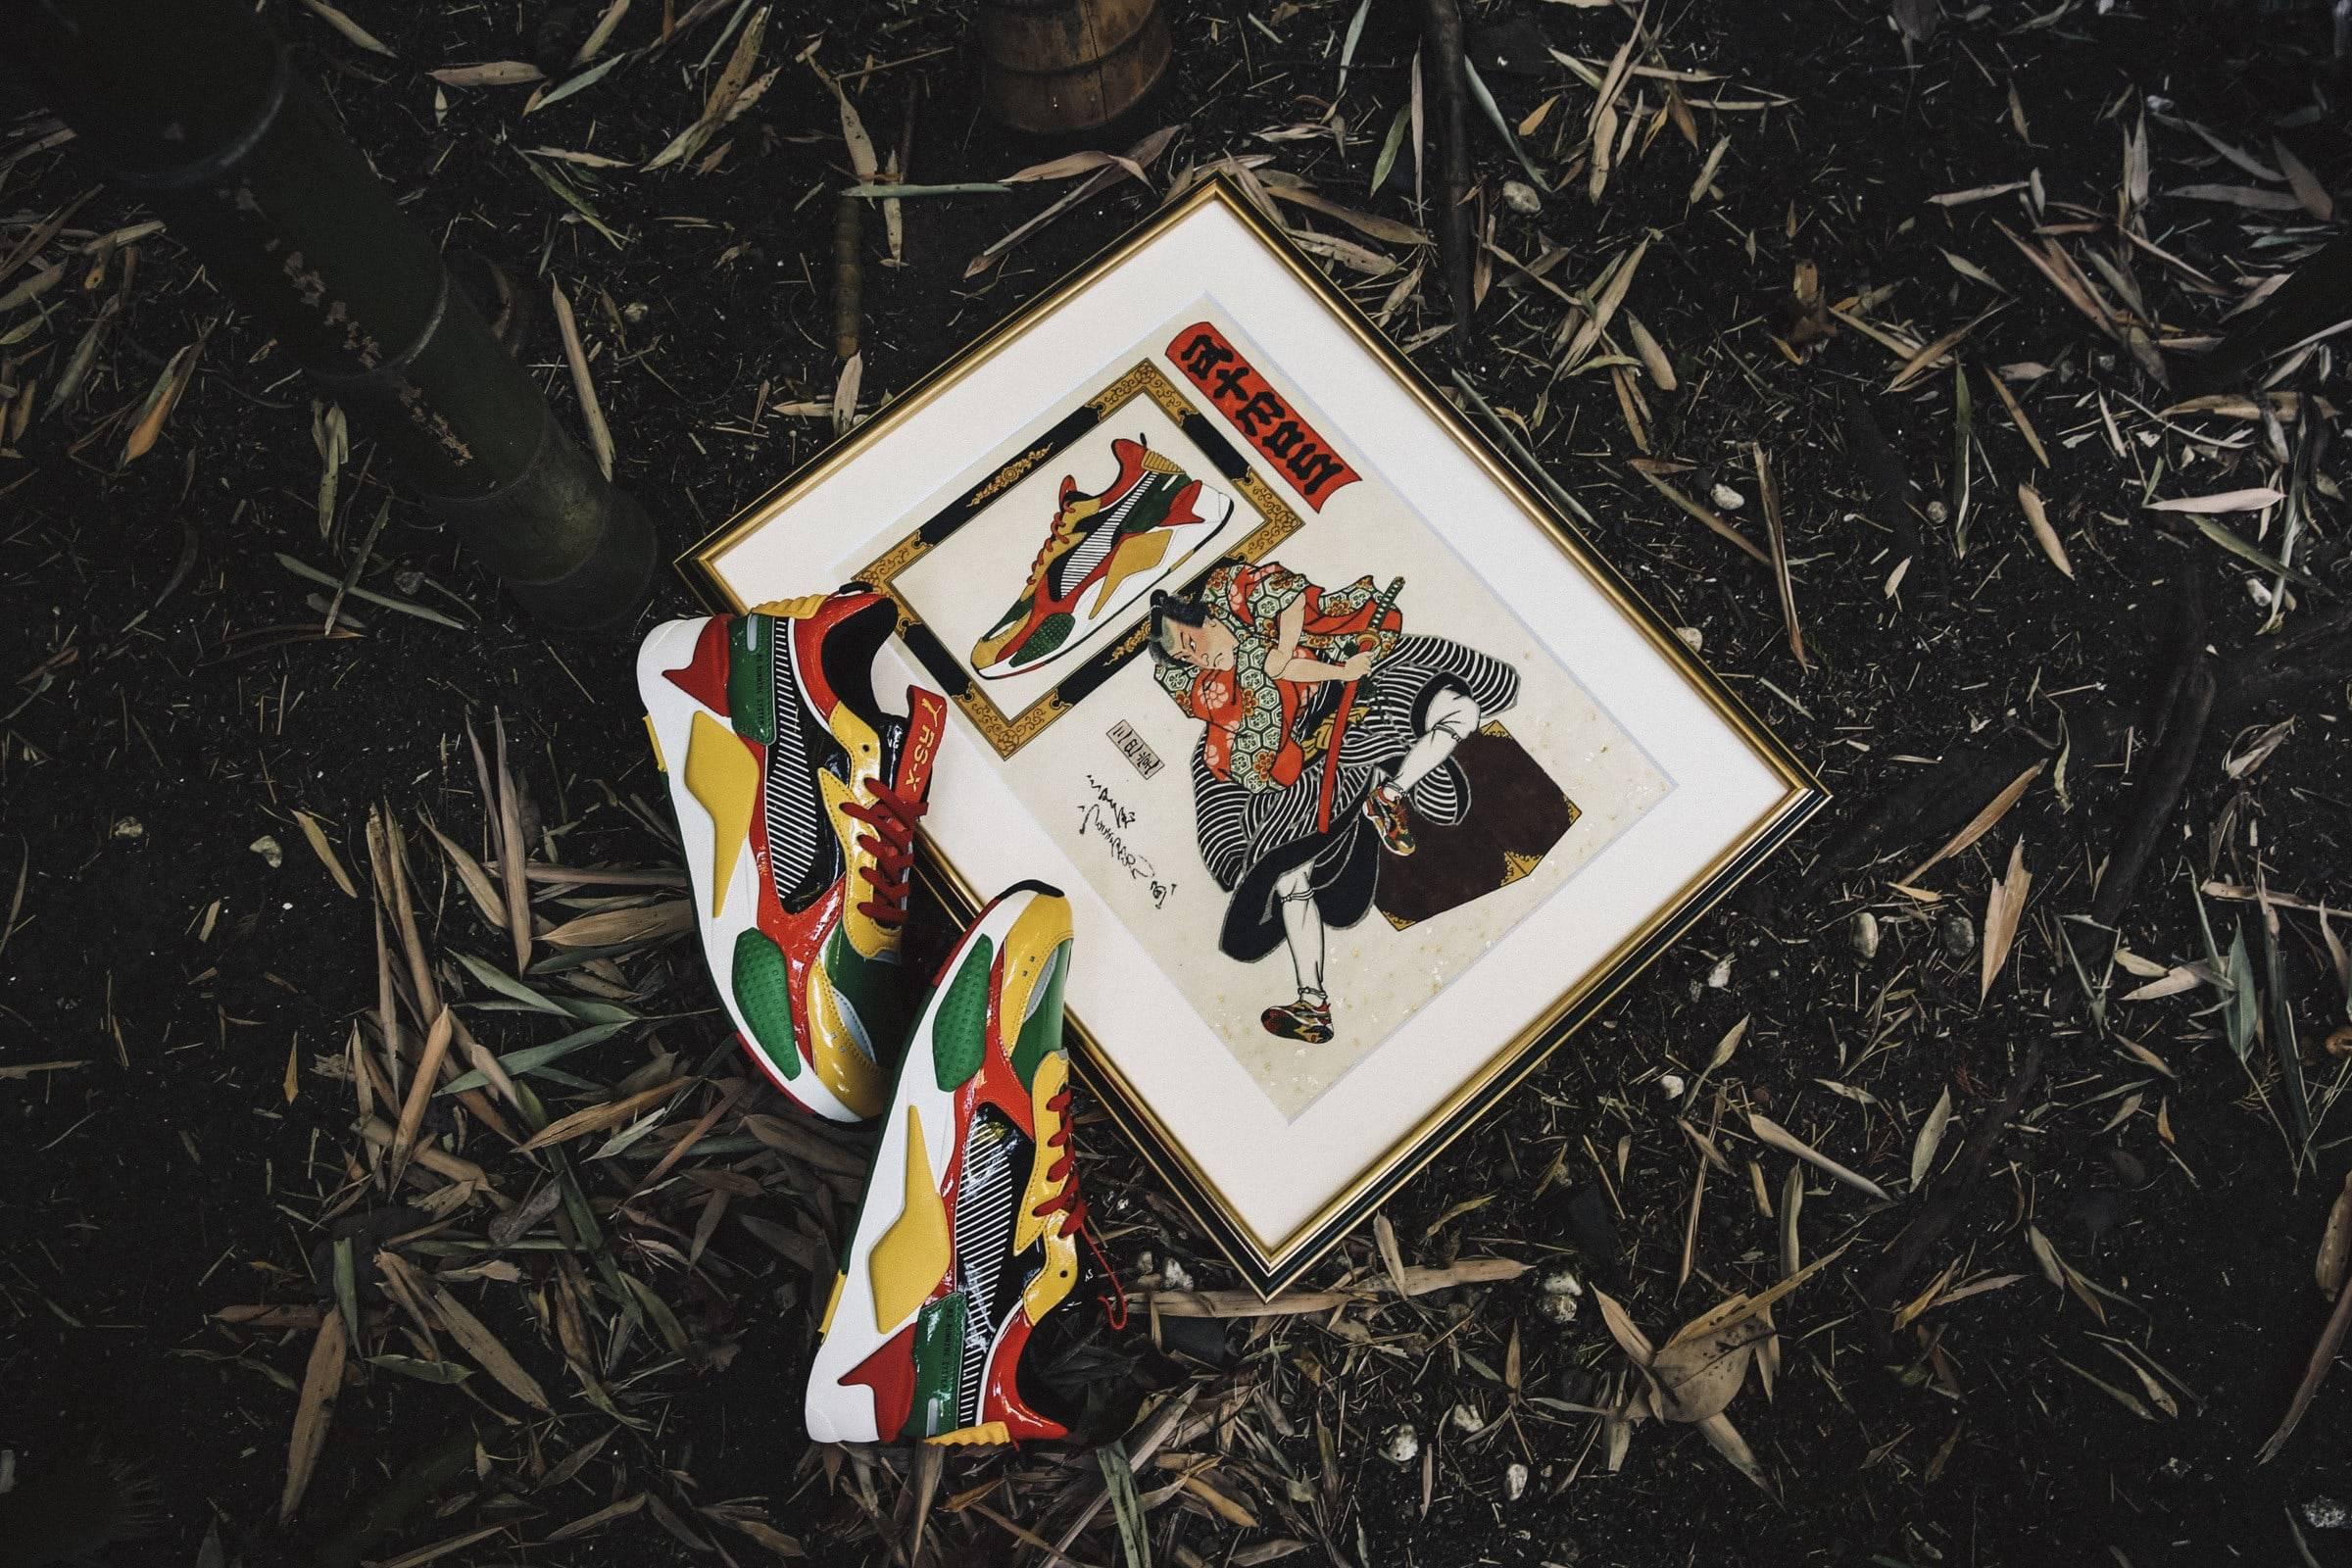 以传统歌舞伎主题为核心,atmos x PUMA亮相合作款球鞋